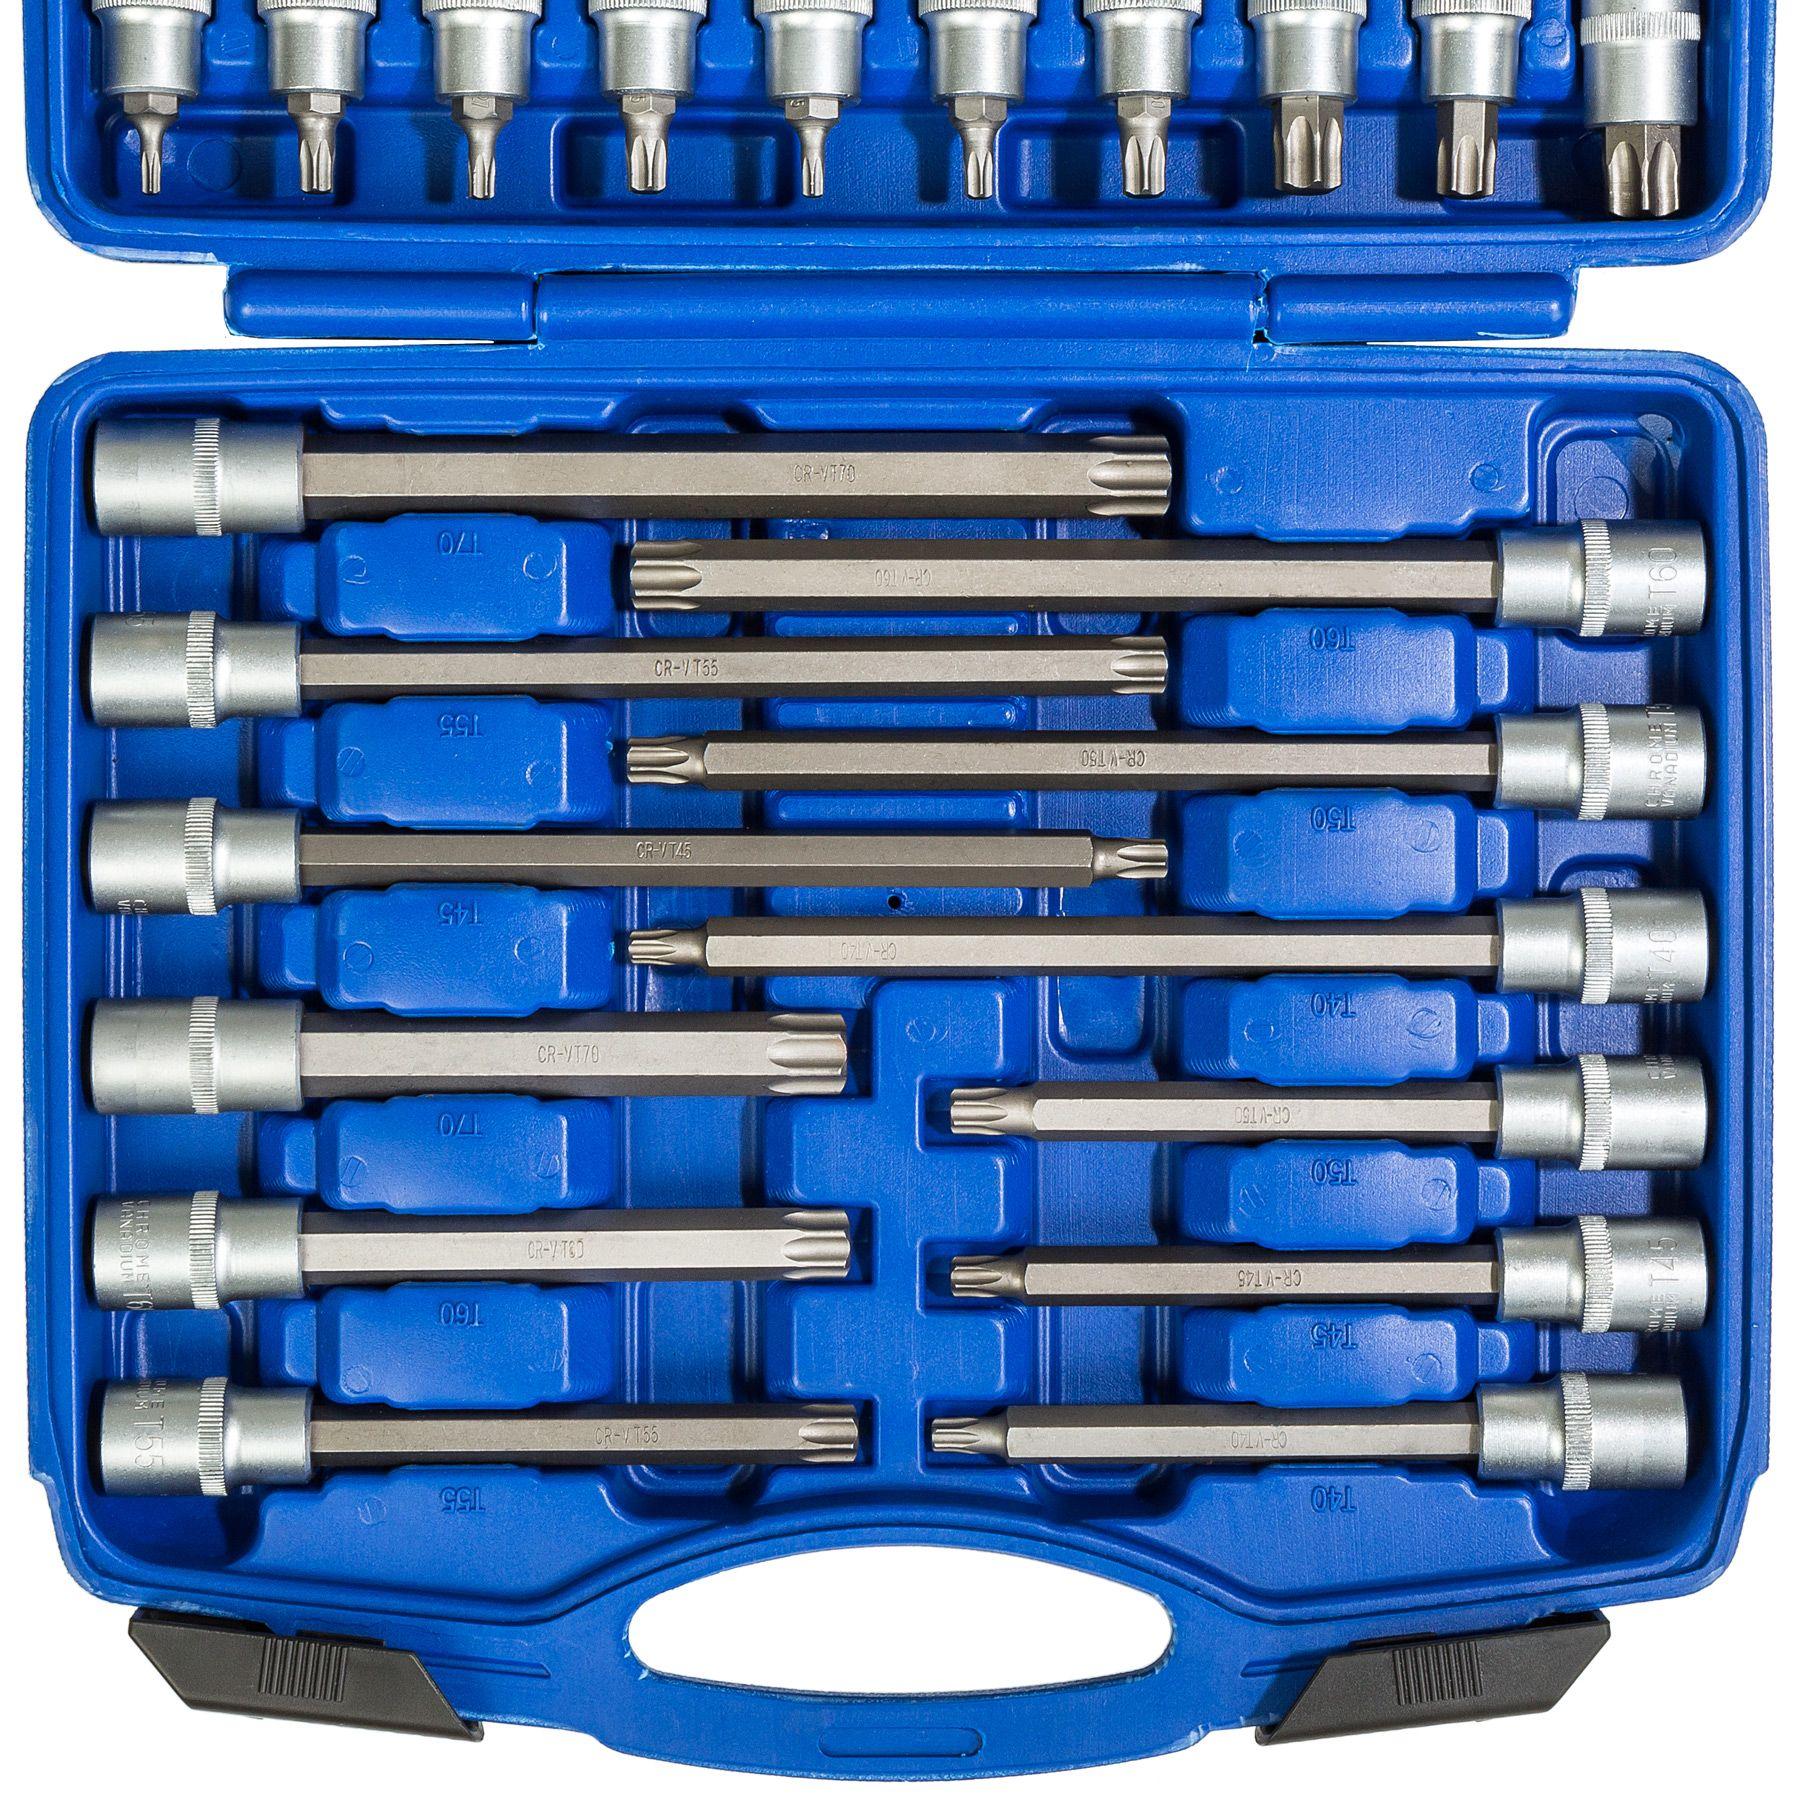 Stecknüsse Kfz Werkzeug Set BGS Bitsortiment 1//2 Innen Torx Nuss Satz 32-tlg